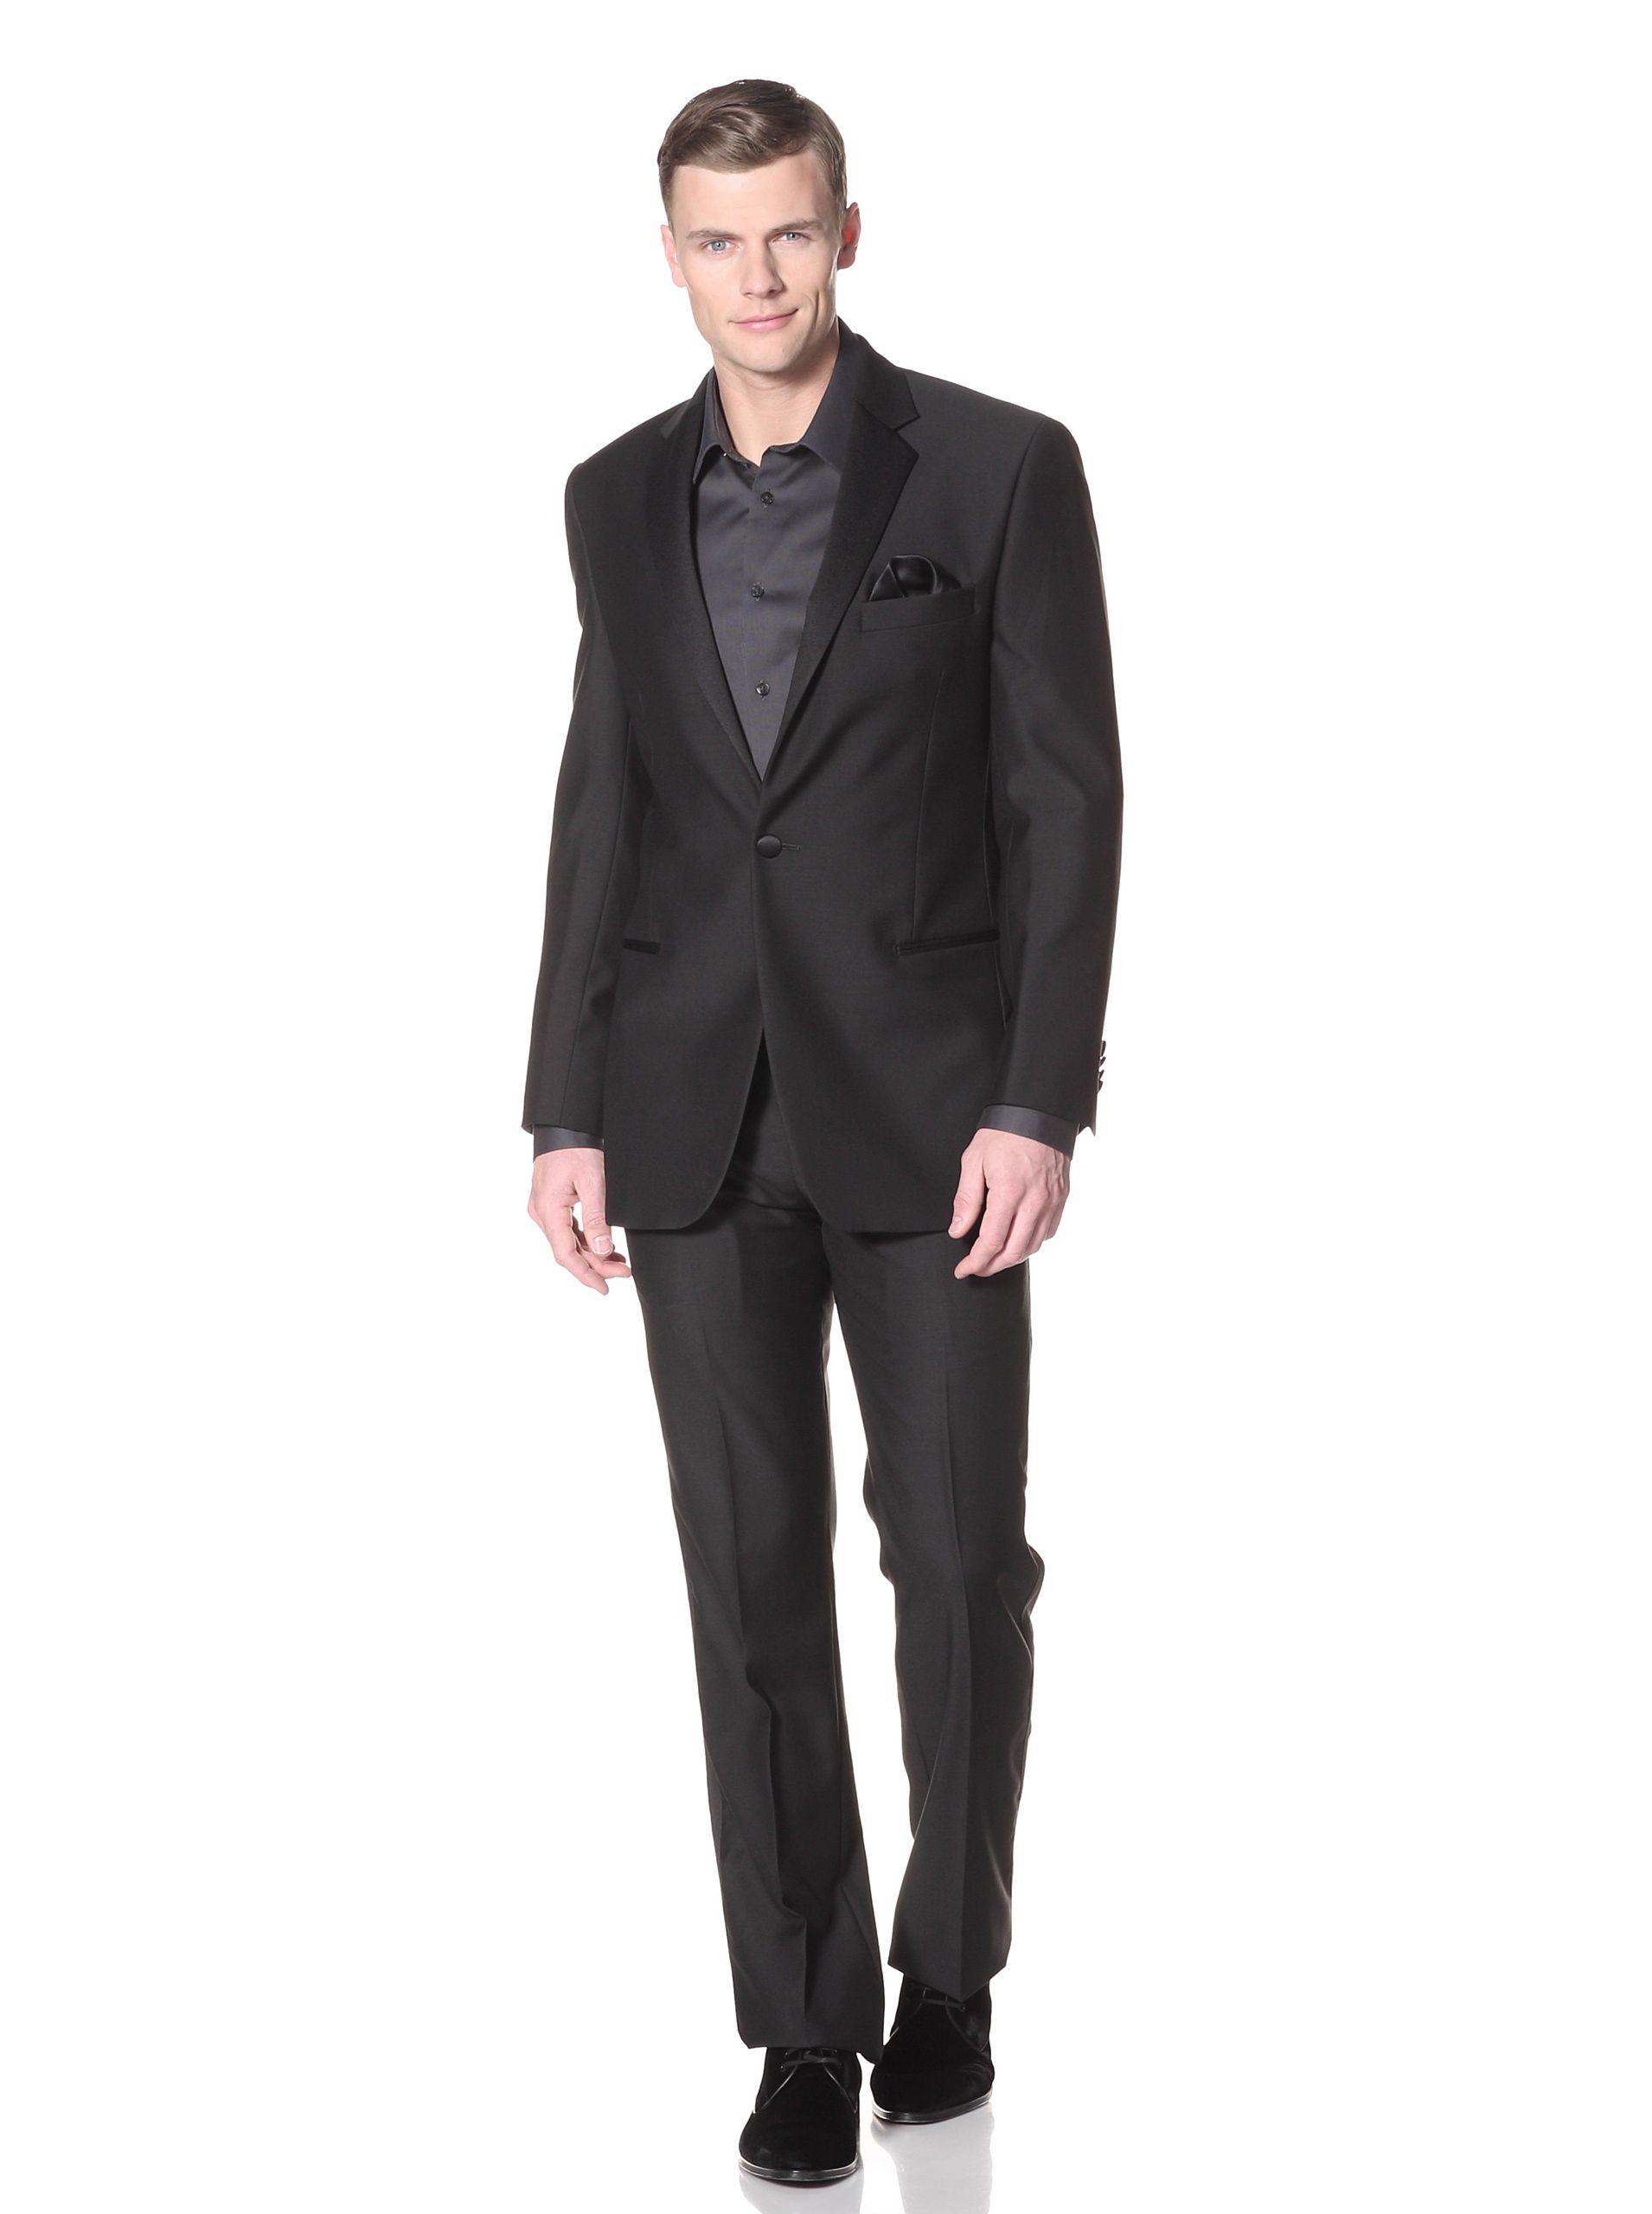 bbd570d2acd Yves Saint Laurent Men | Men's Fashion | Fashion, Tuxedo suit, Tuxedo